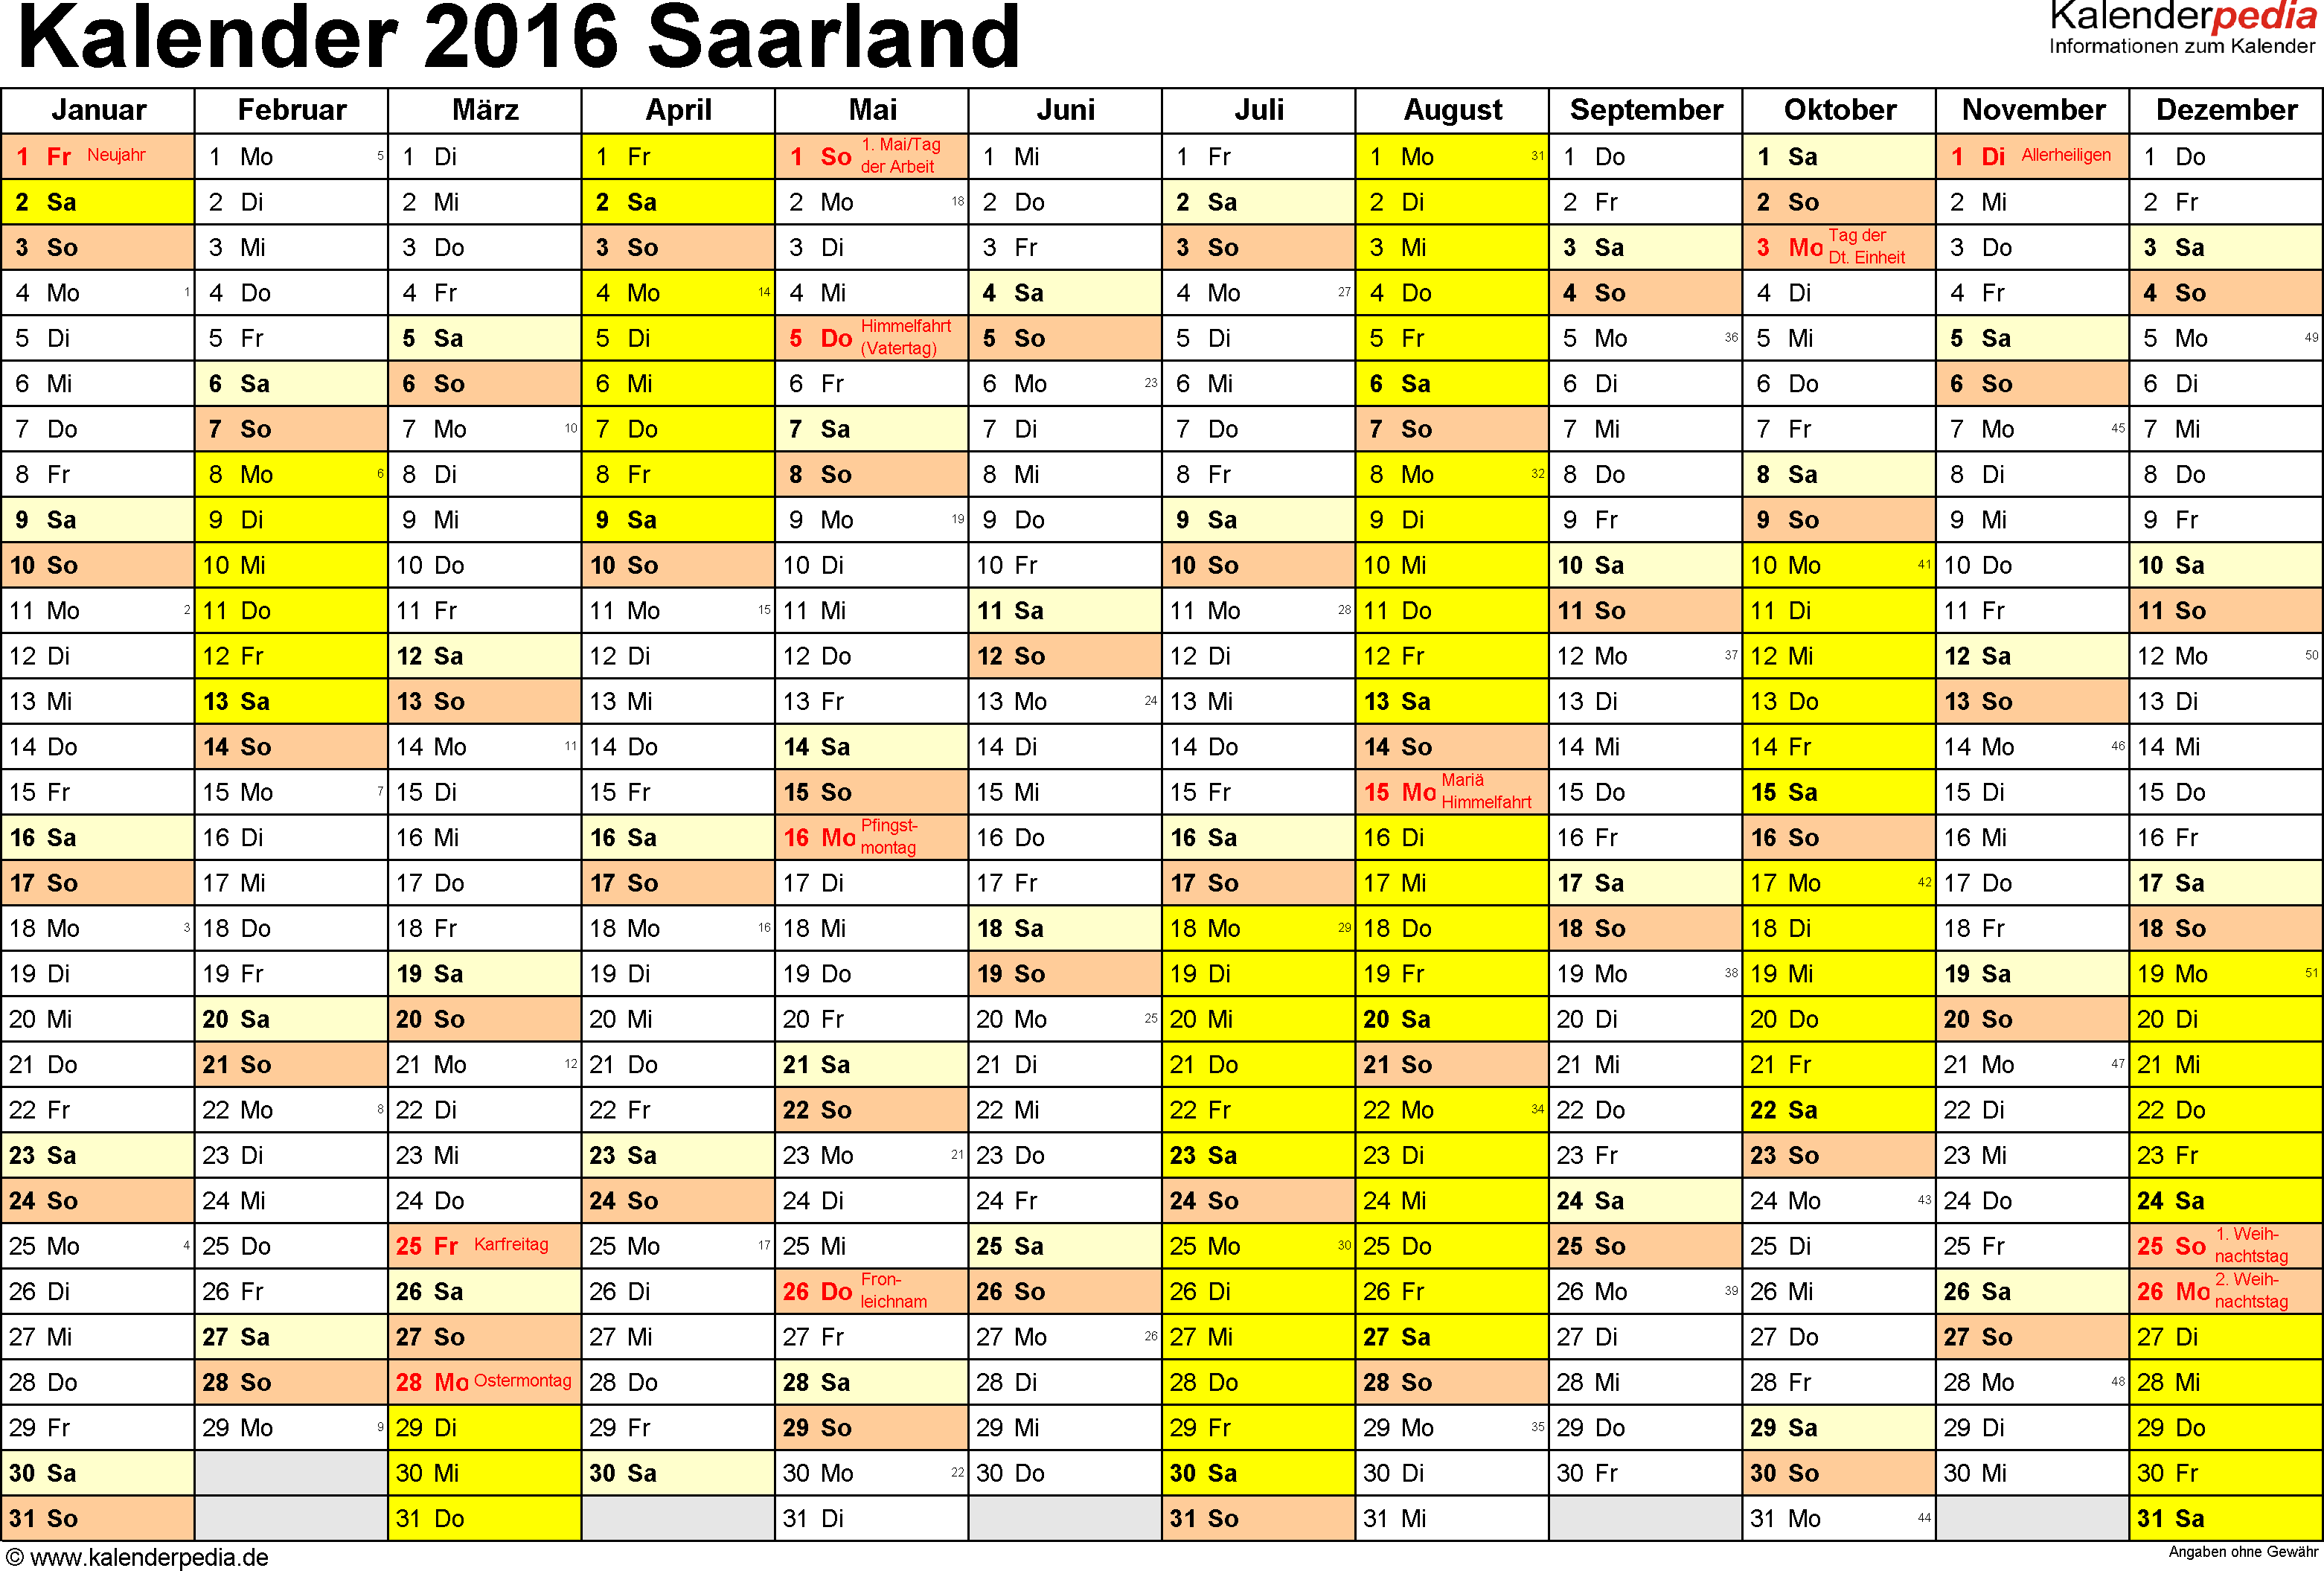 Vorlage 1: Kalender 2016 für Saarland als PDF-Vorlagen (Querformat, 1 Seite)